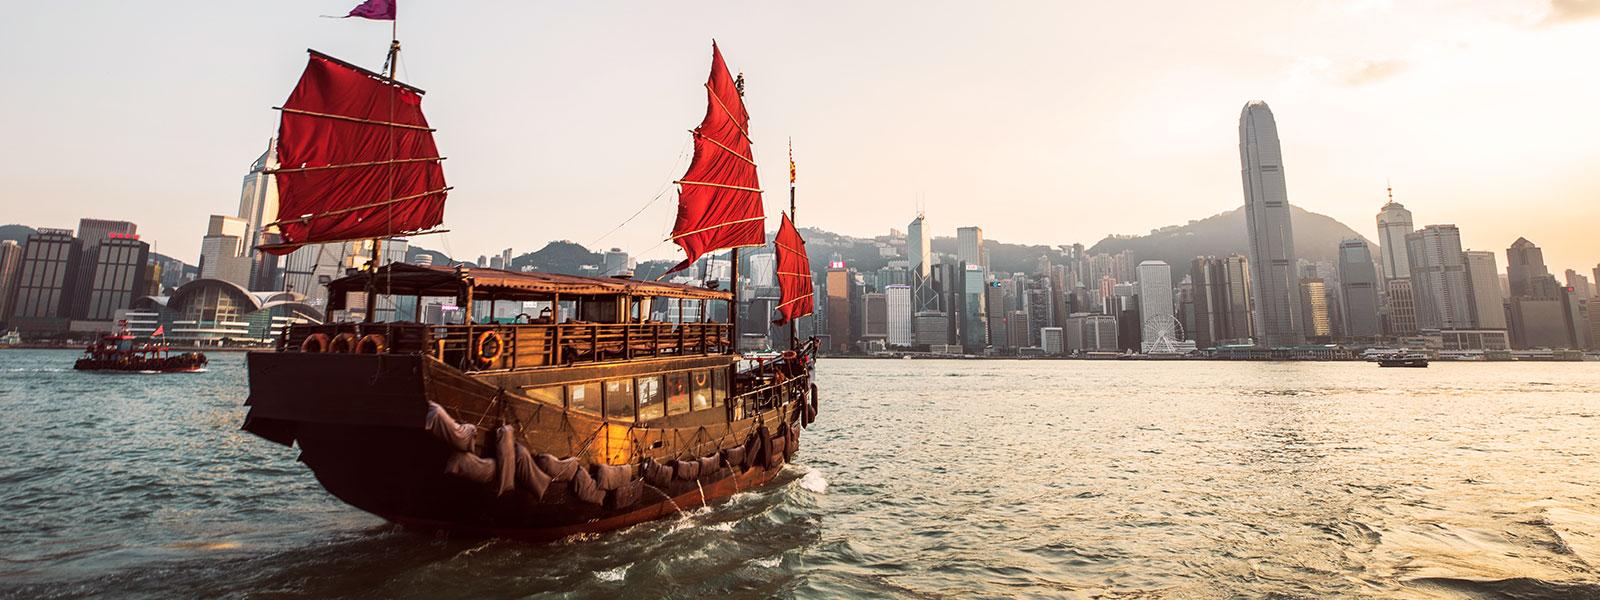 Boat sailing over river in Hong Kong